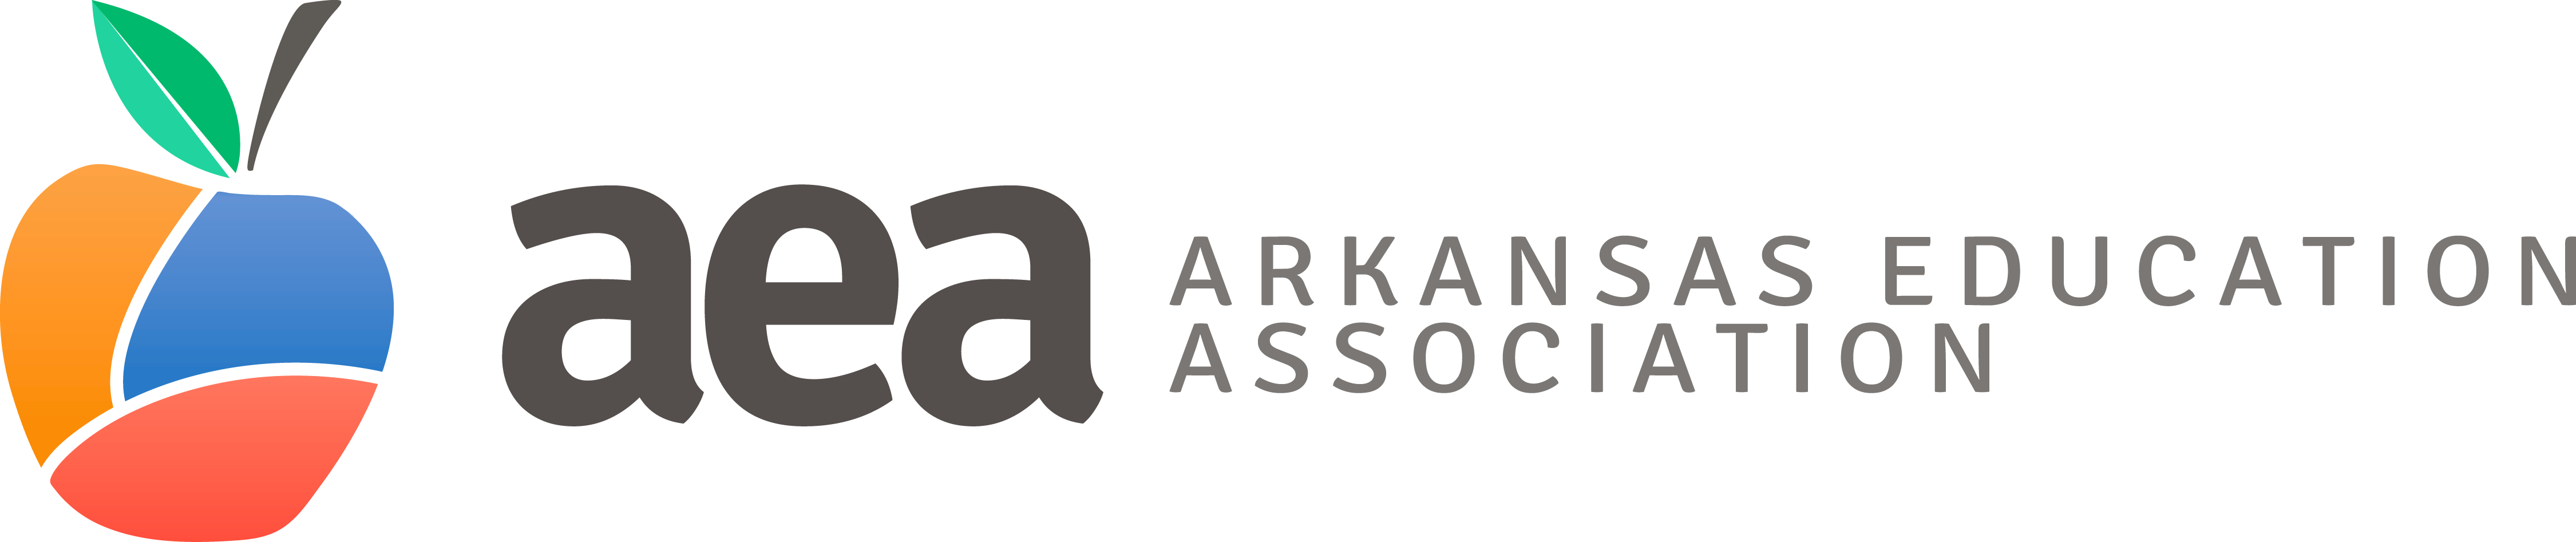 Arkansas Education Association